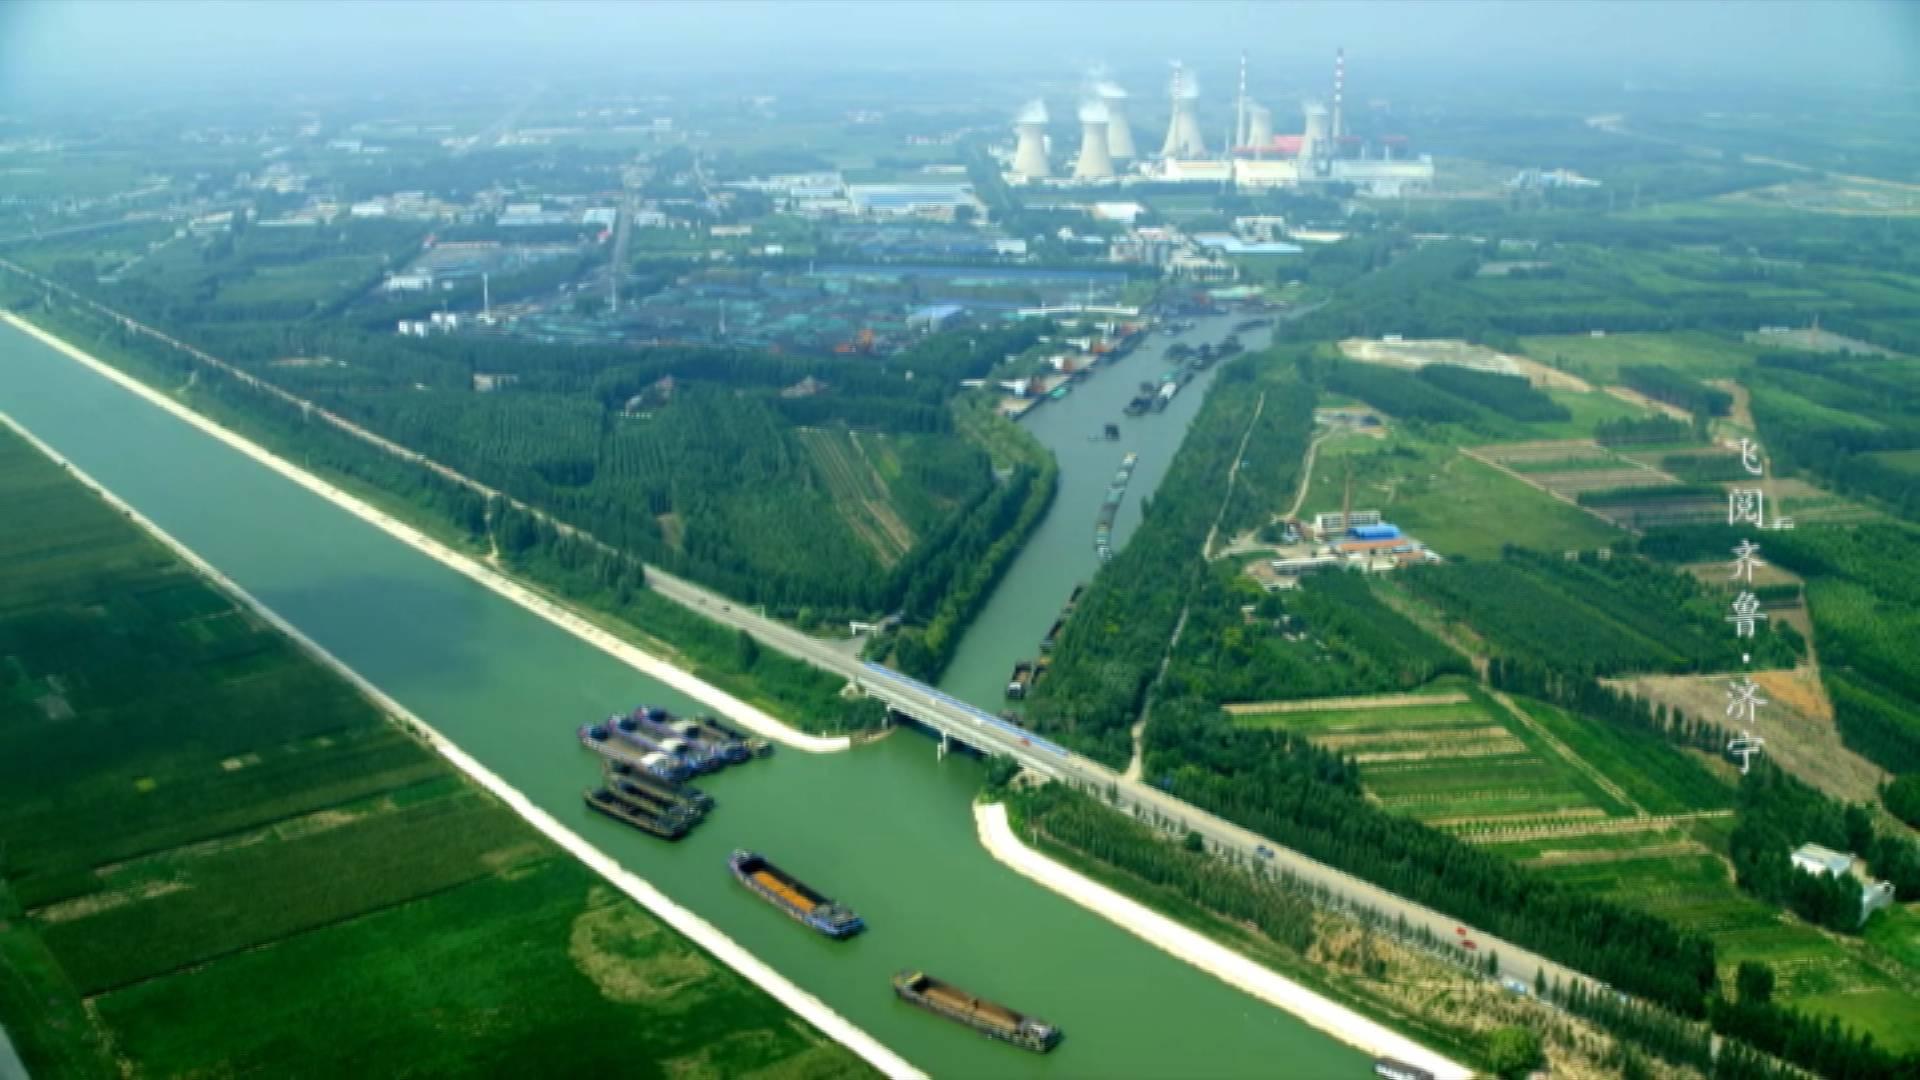 55秒丨俯瞰千年京杭运河,这里仍是运输黄金水道丨《飞阅齐鲁》